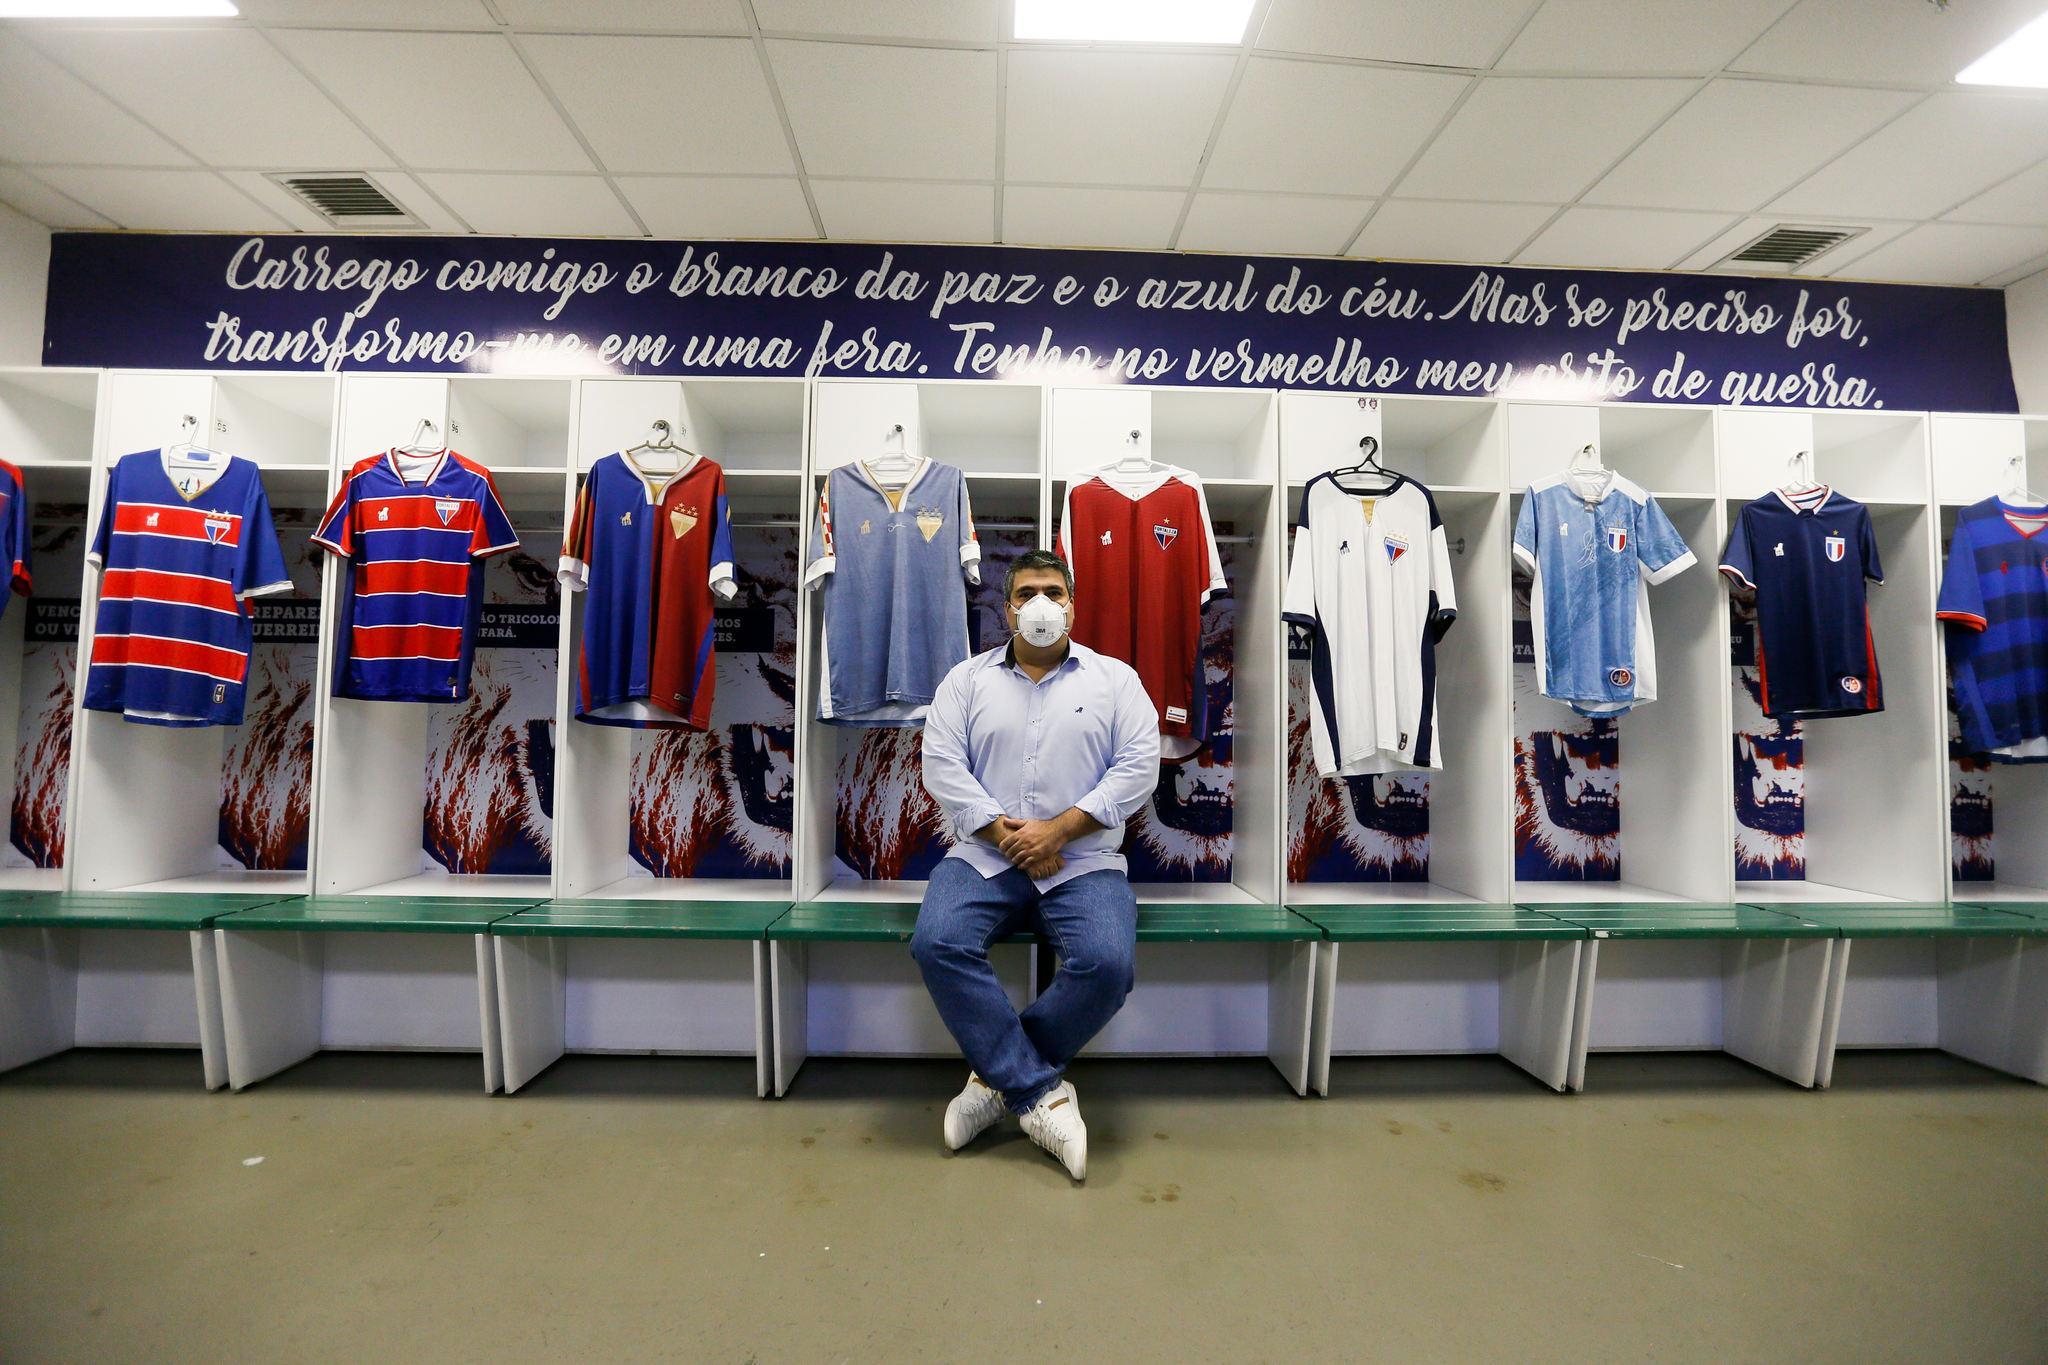 Bruno Bayma exibe as camisas da marca própria do Fortaleza no vestiário do clube, na Arena Castelão